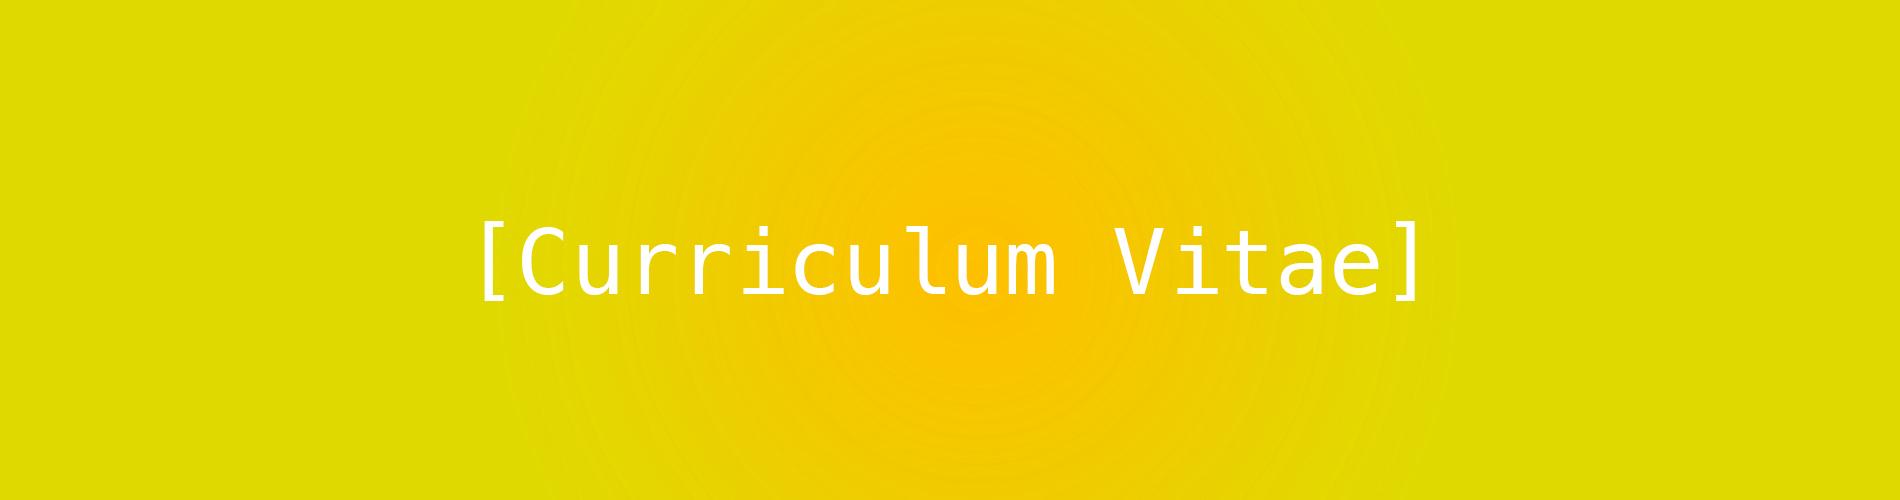 My Curriculum Vitae feature image